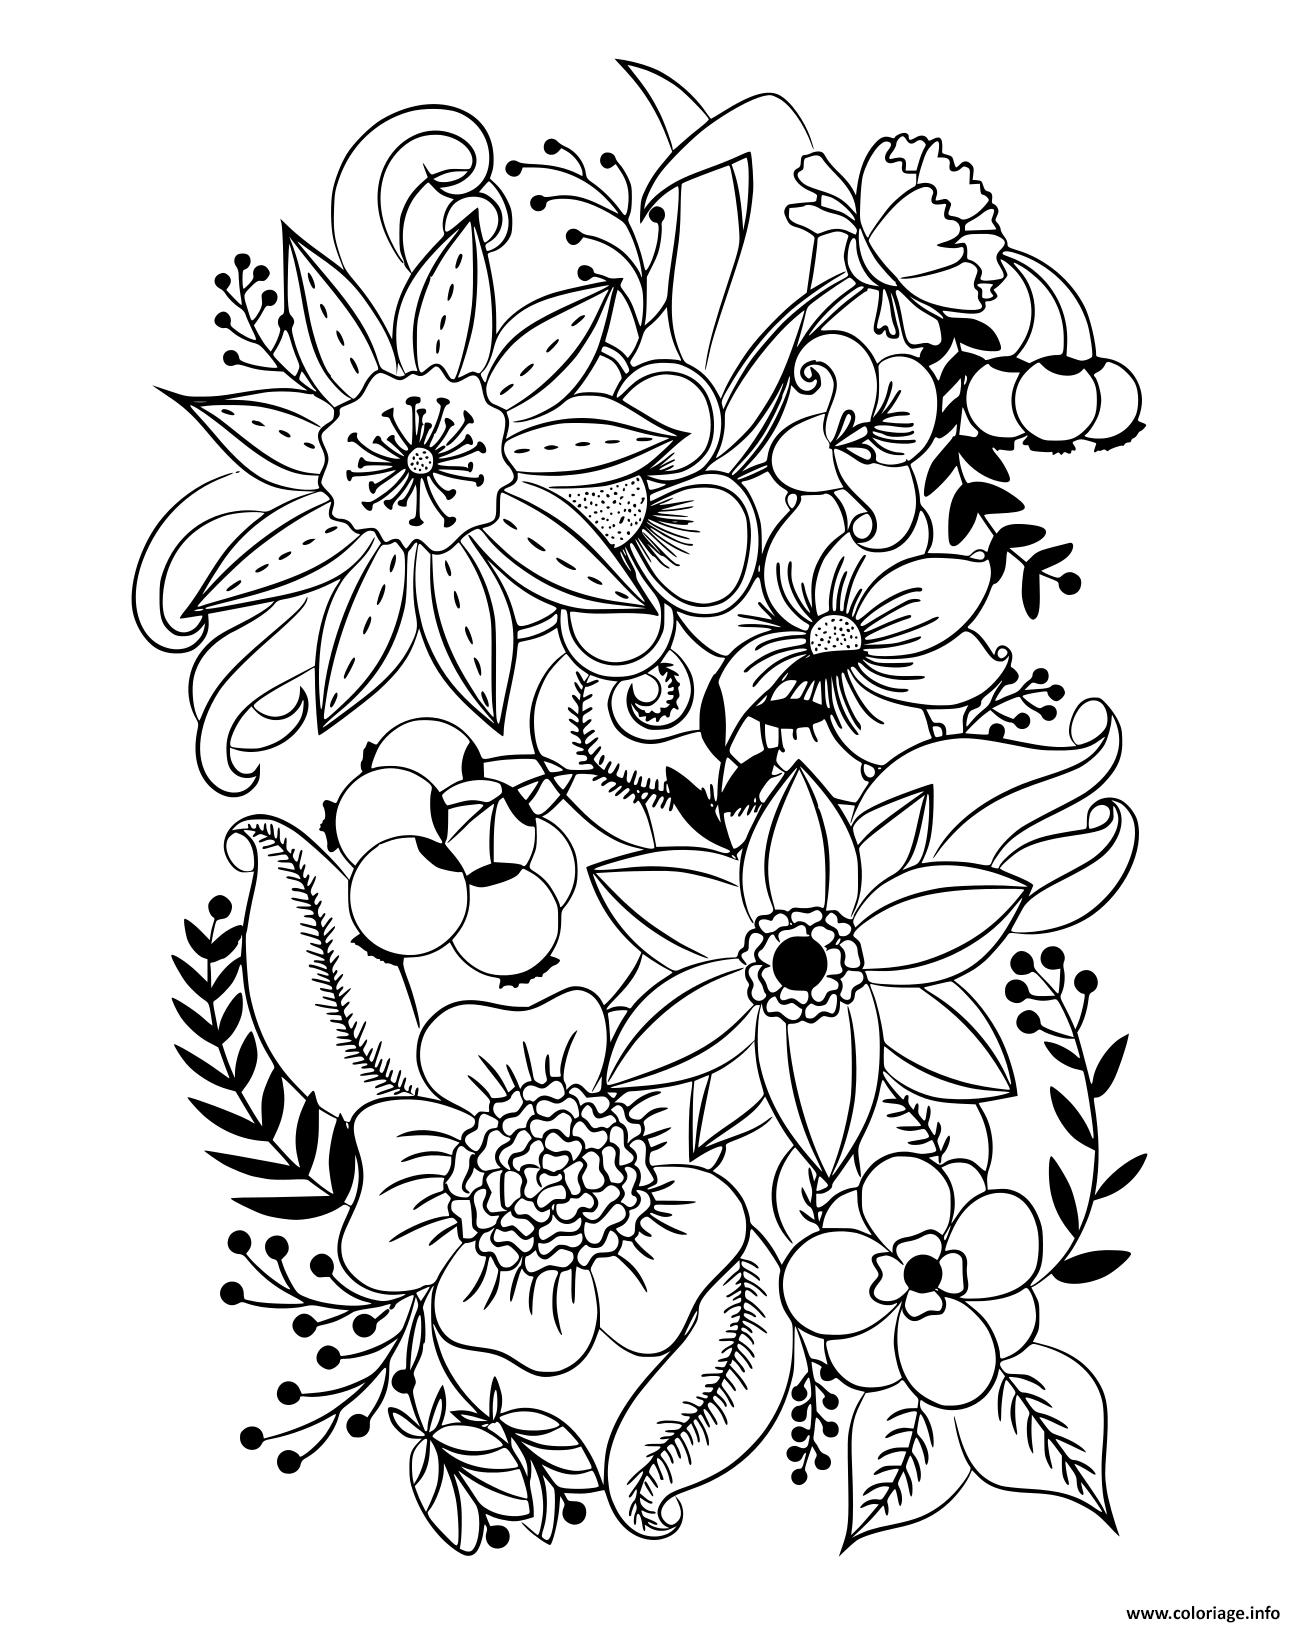 Coloriage Diverses Fleurs Et Feuilles Insipration Dessin Fleurs A Imprimer